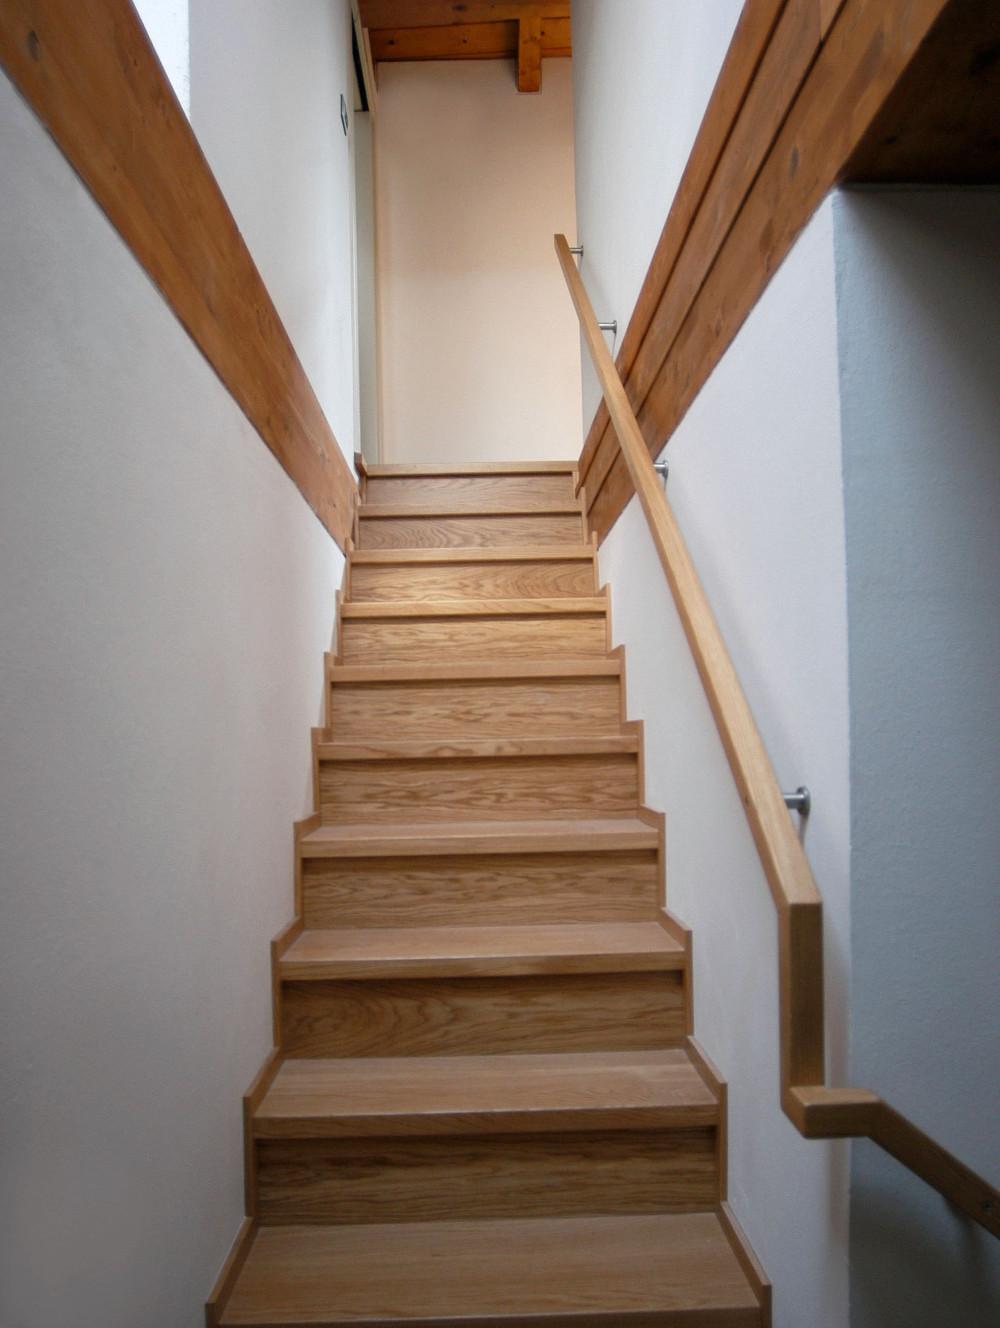 Corrimano per scale interne a muro corrimano in ferro - Corrimano per scale interne a muro ...